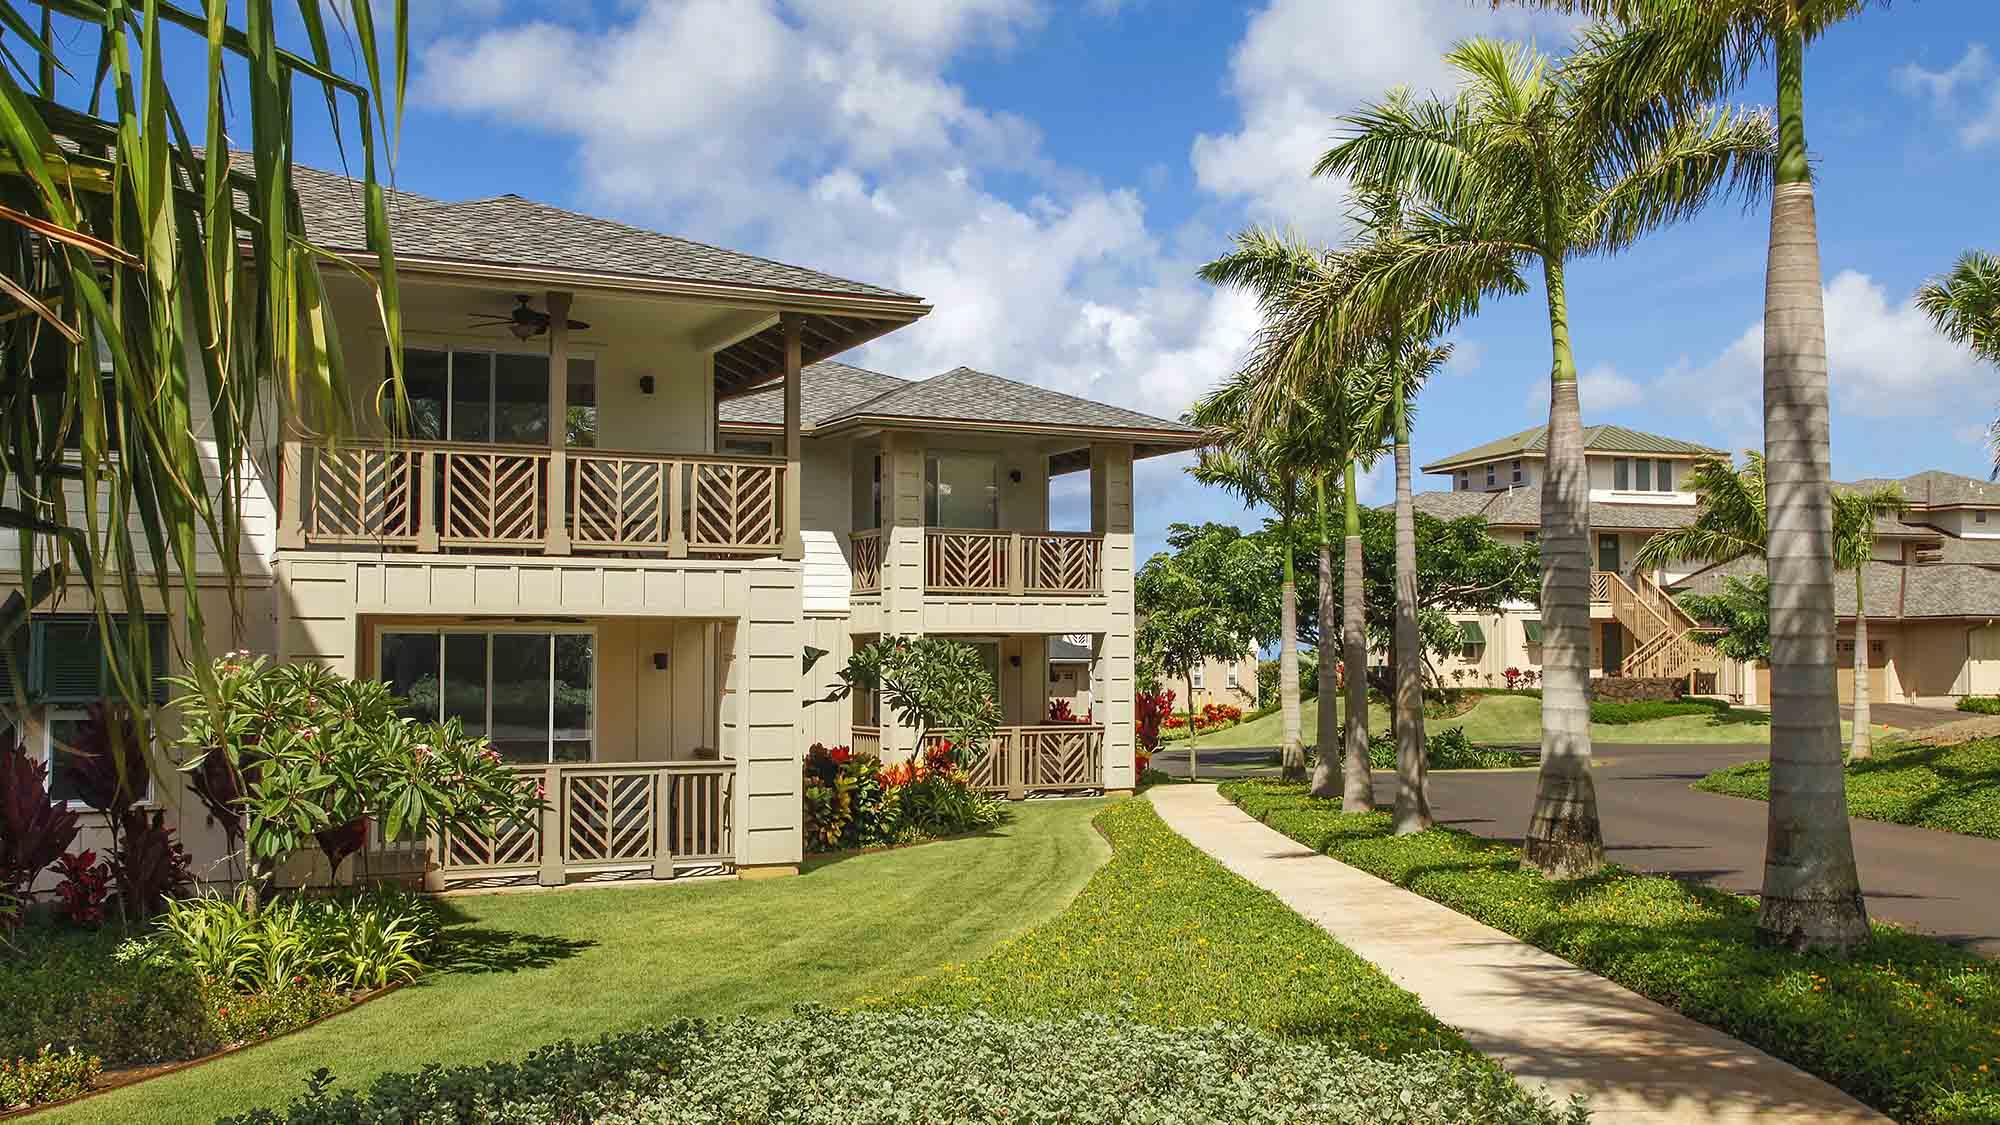 Pili Mai Resort at Poipu 3 - Parrish Kauai